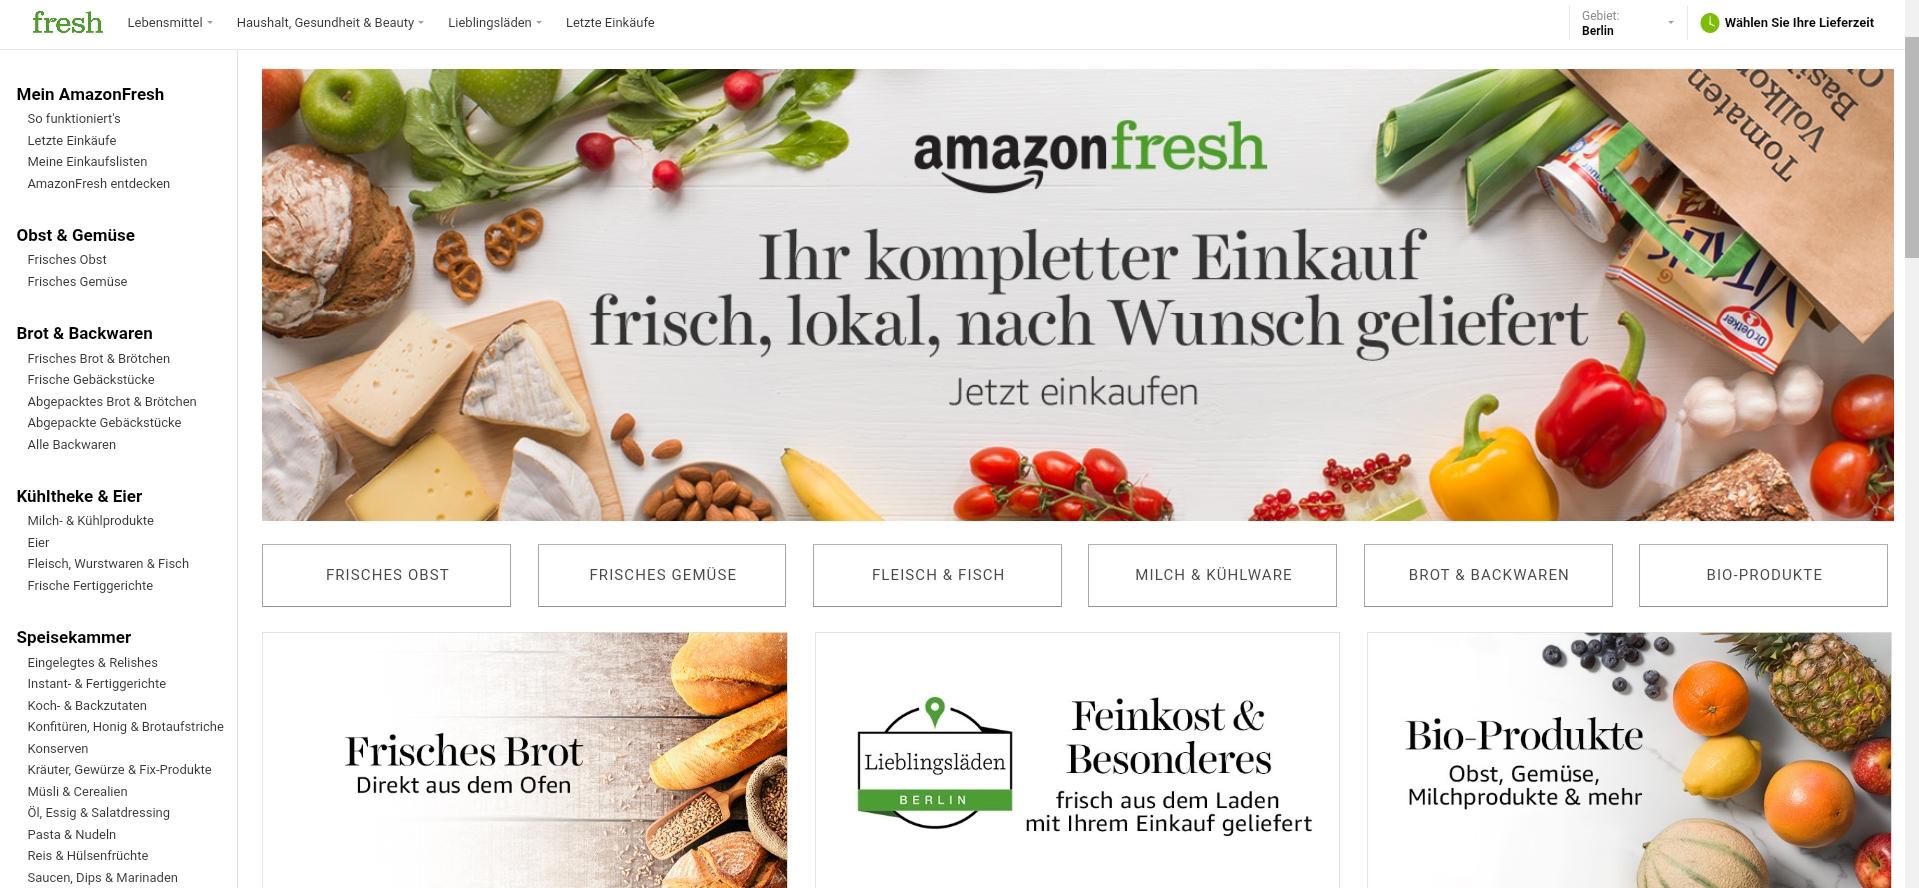 Allyouneed Fresh und DHL liefern für Amazon Fresh aus